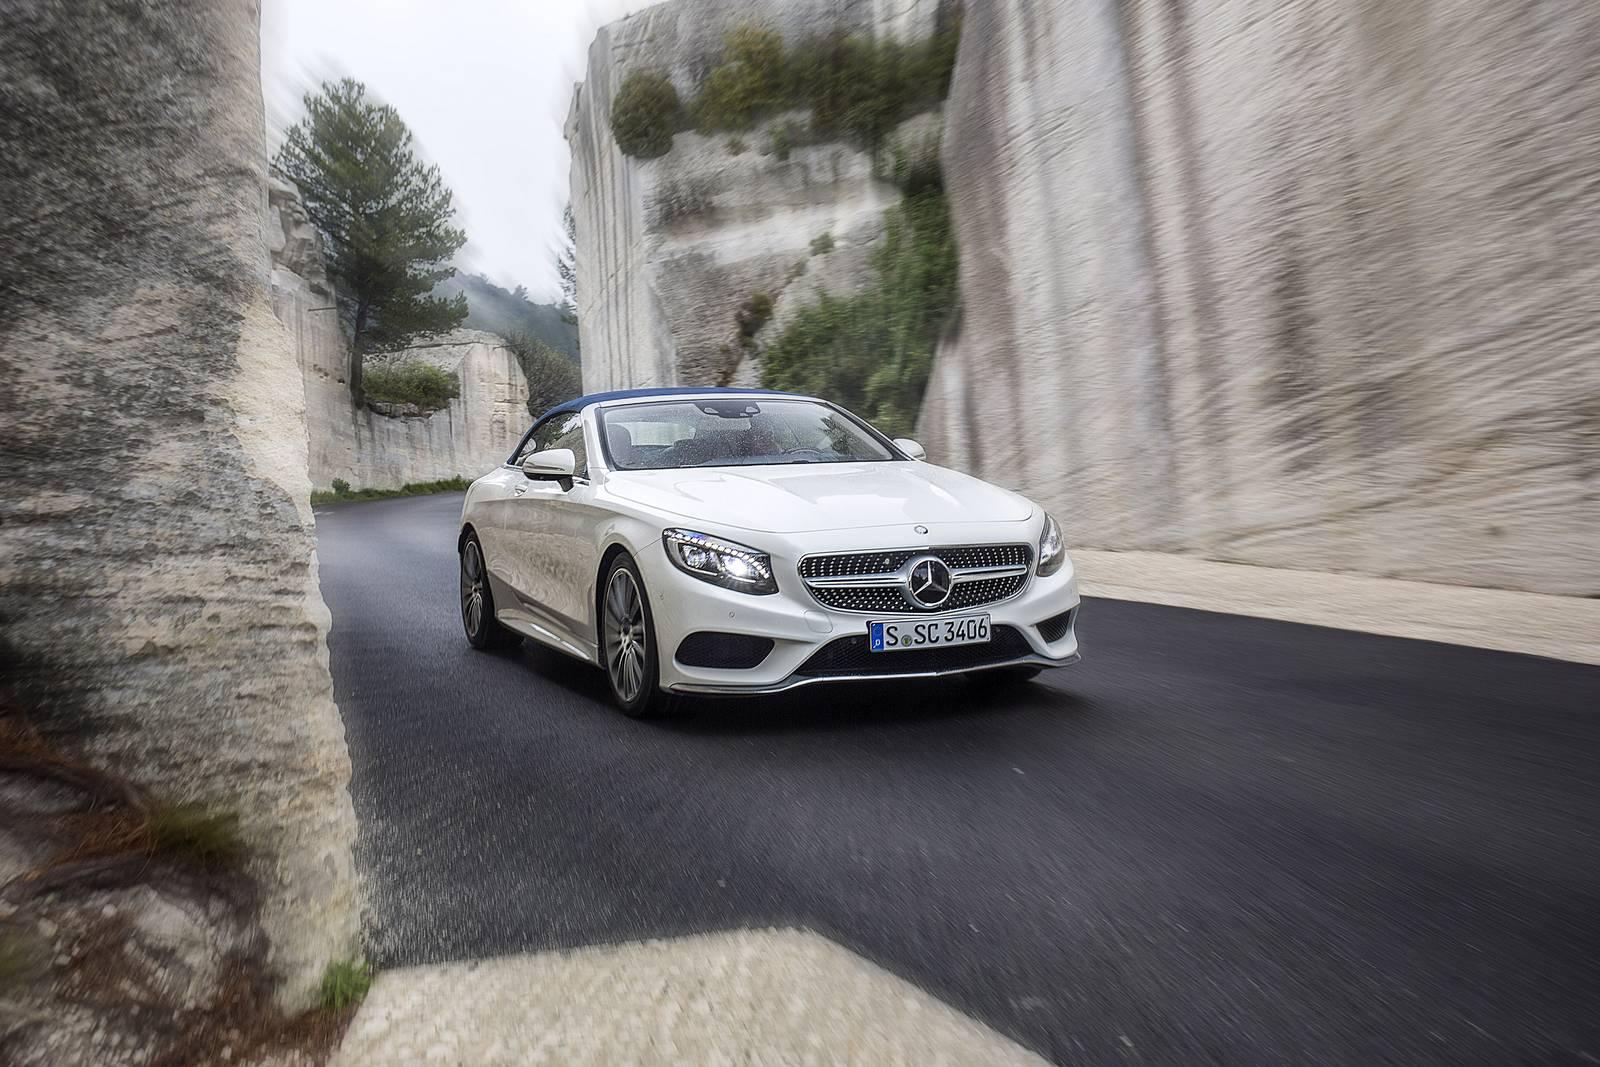 https://storage.googleapis.com/gtspirit/uploads/2016/04/Mercedes-Benz-S-500-Cabriolet-7.jpg